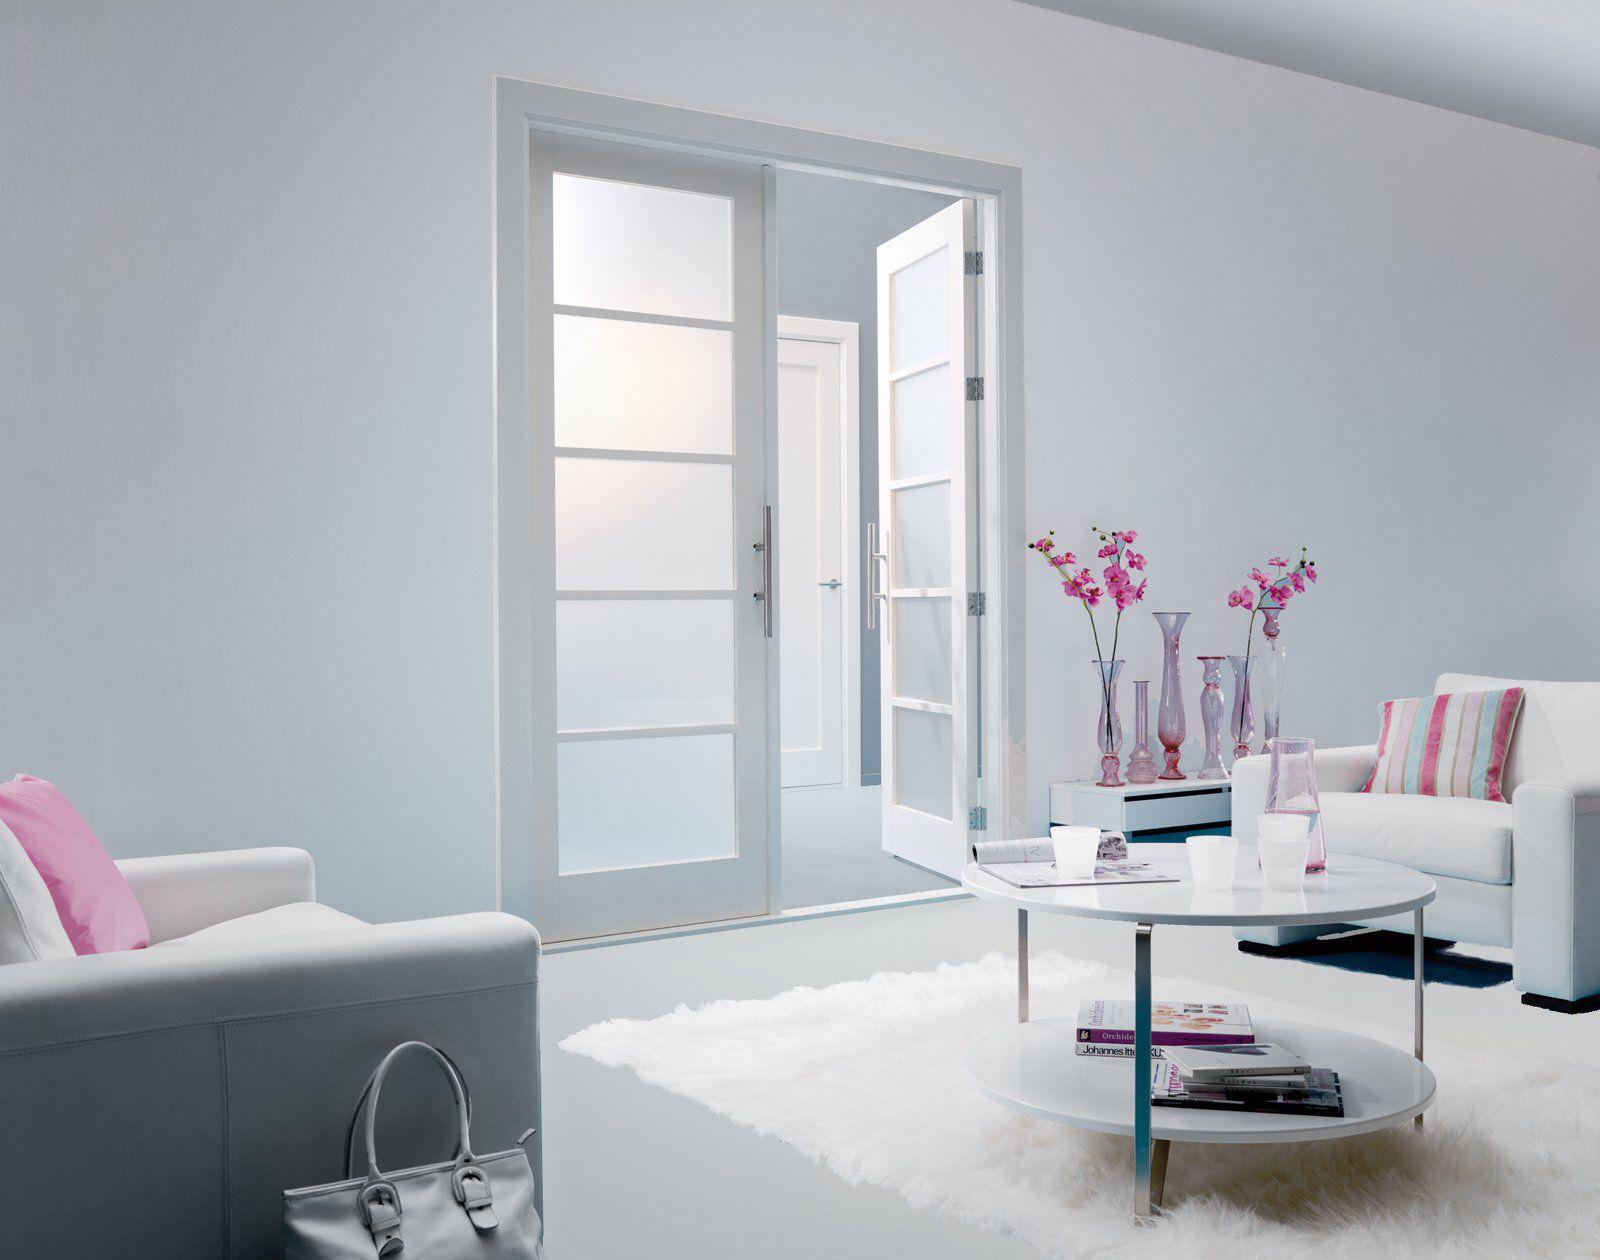 Dubbele deuren vanuit hal naar woonkamer | Deuren | Pinterest